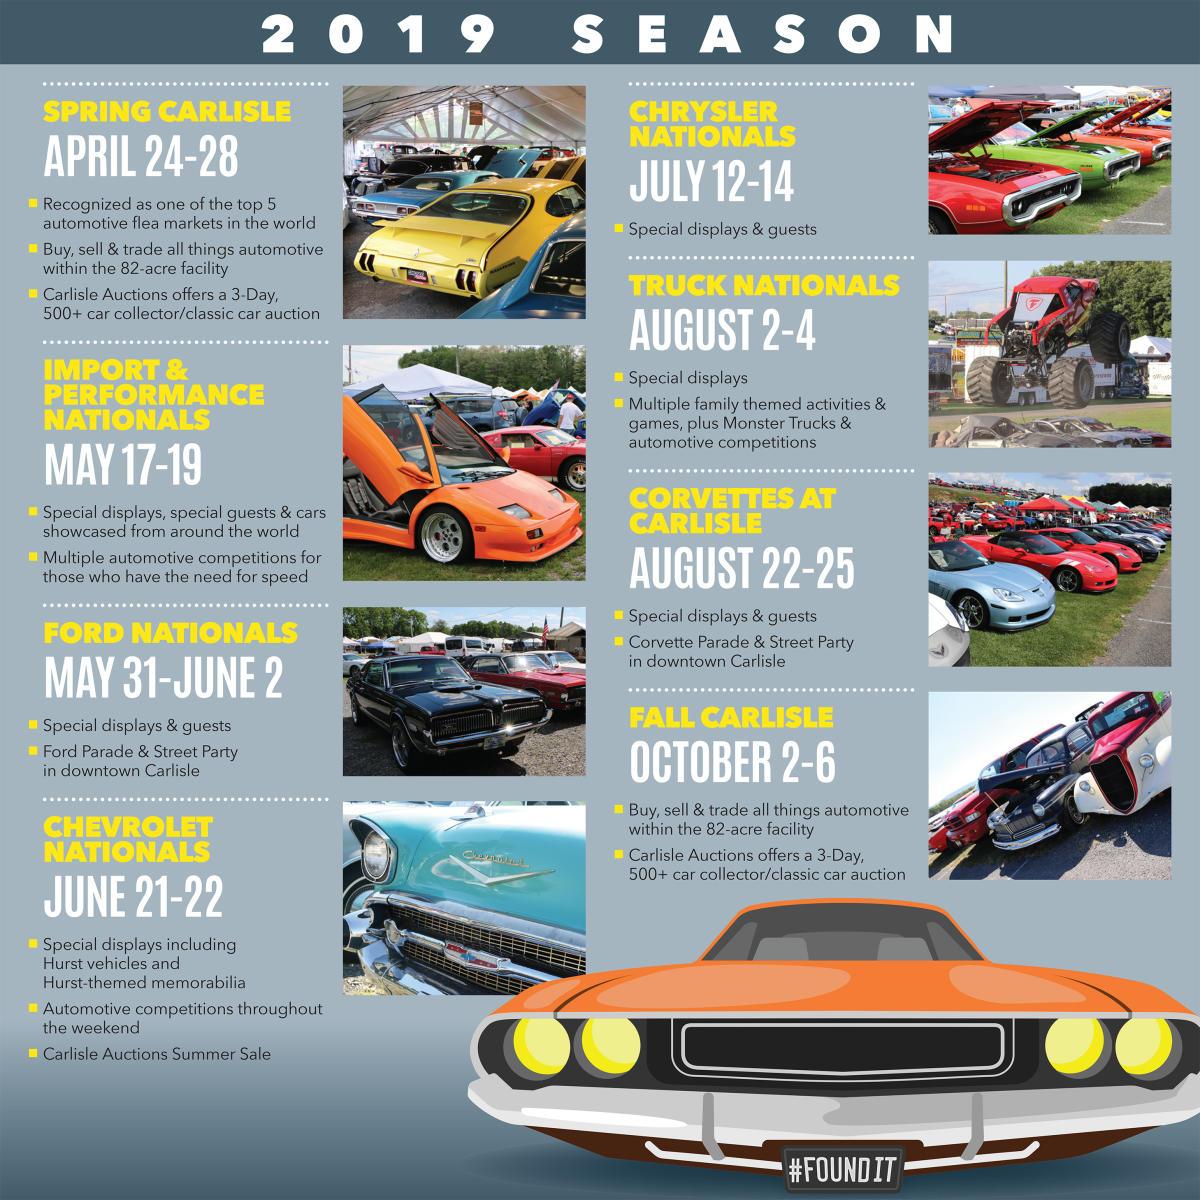 2019 Car Show Schedule